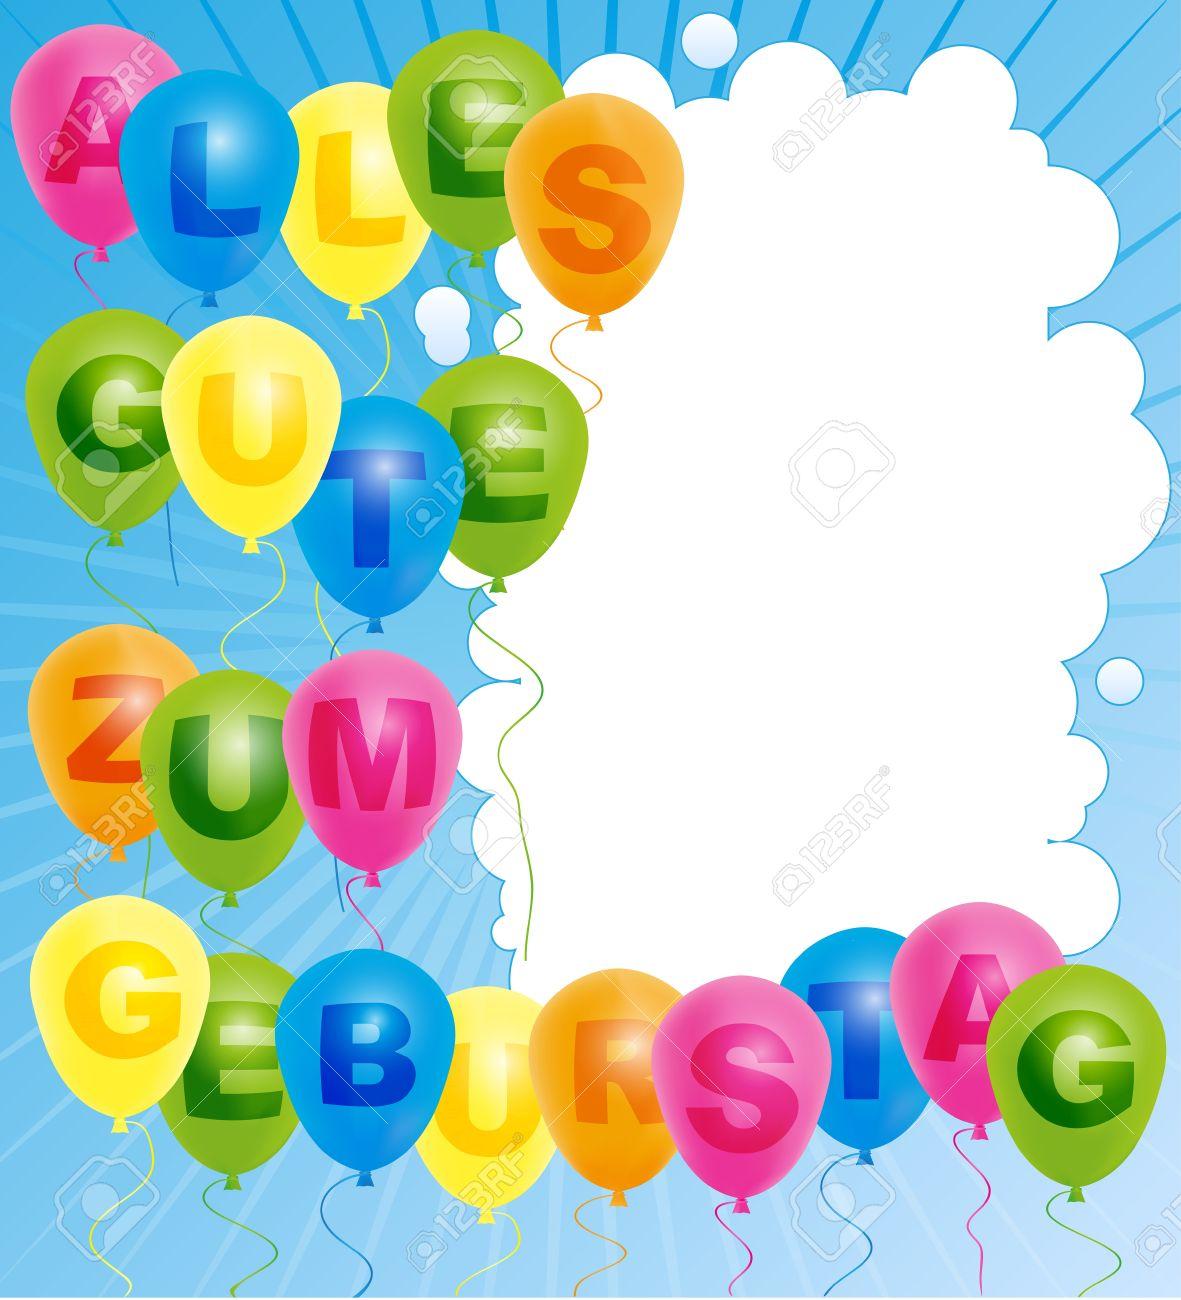 Поздравление с днём рождения на немецком языке с переводом на русский